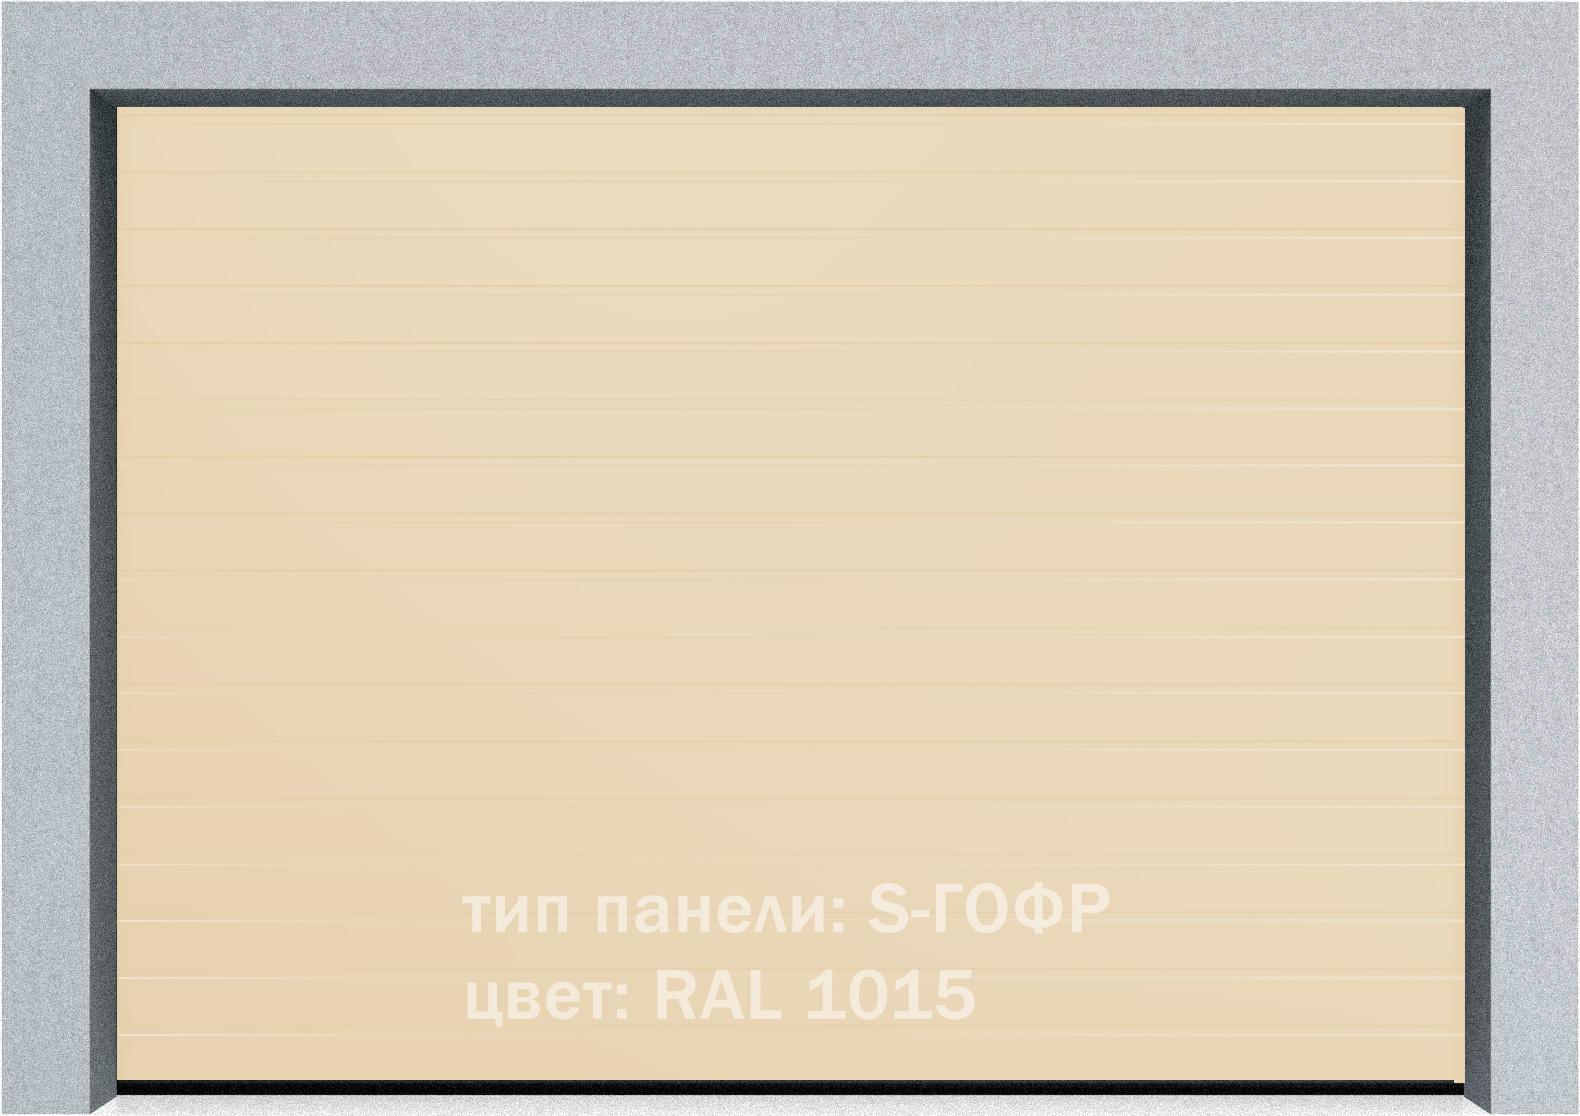 Секционные промышленные ворота Alutech ProTrend 1750х2500 S-гофр, Микроволна стандартные цвета, фото 4